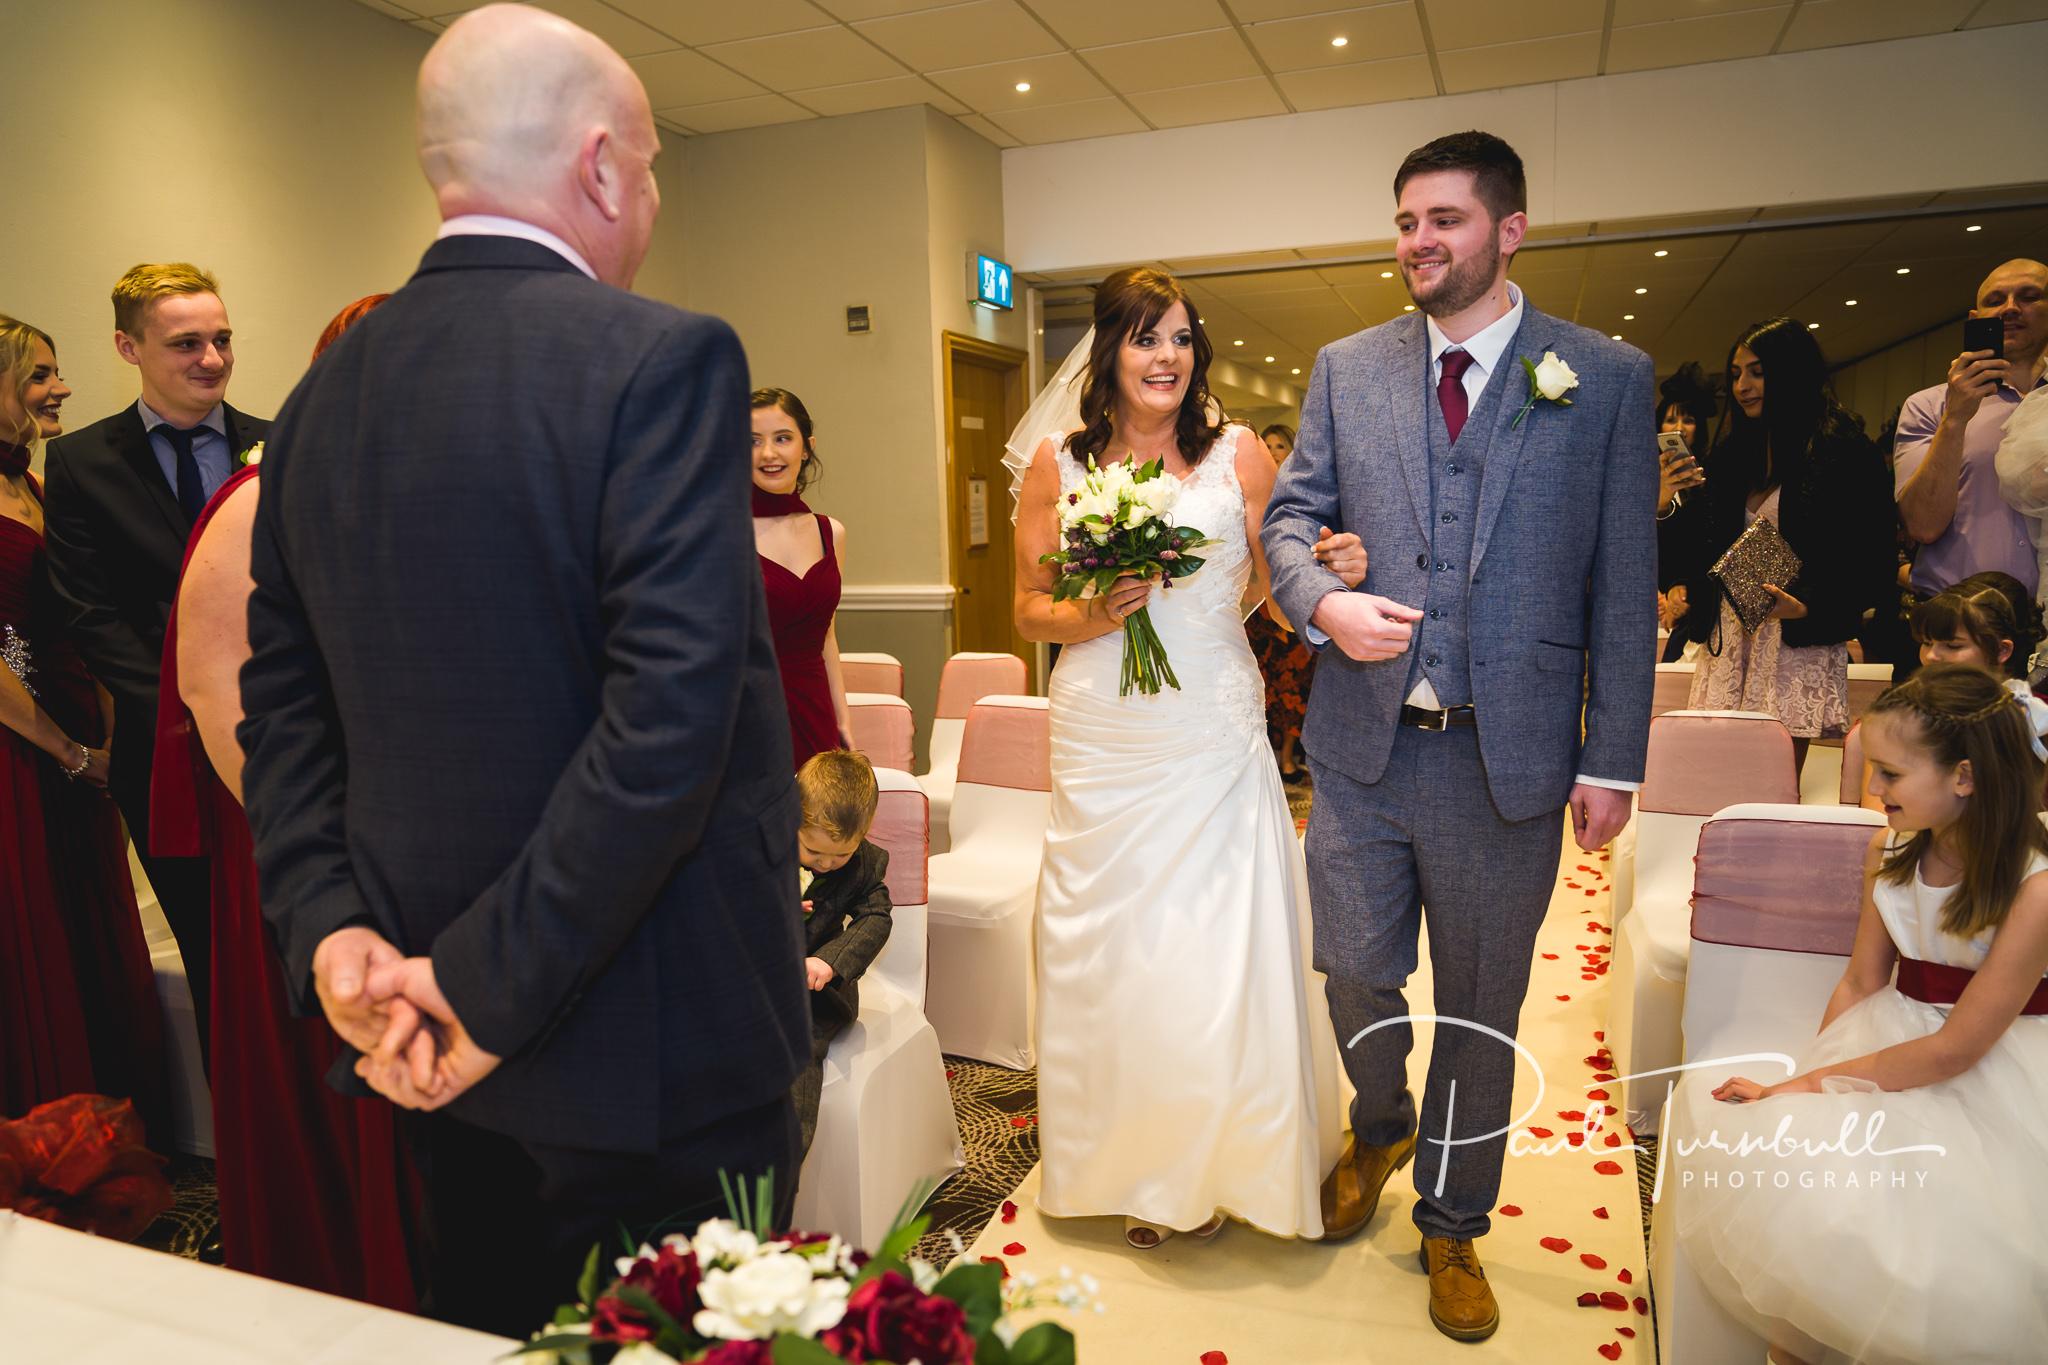 wedding-photographer-leeds-holiday-inn-garforth-026.jpg